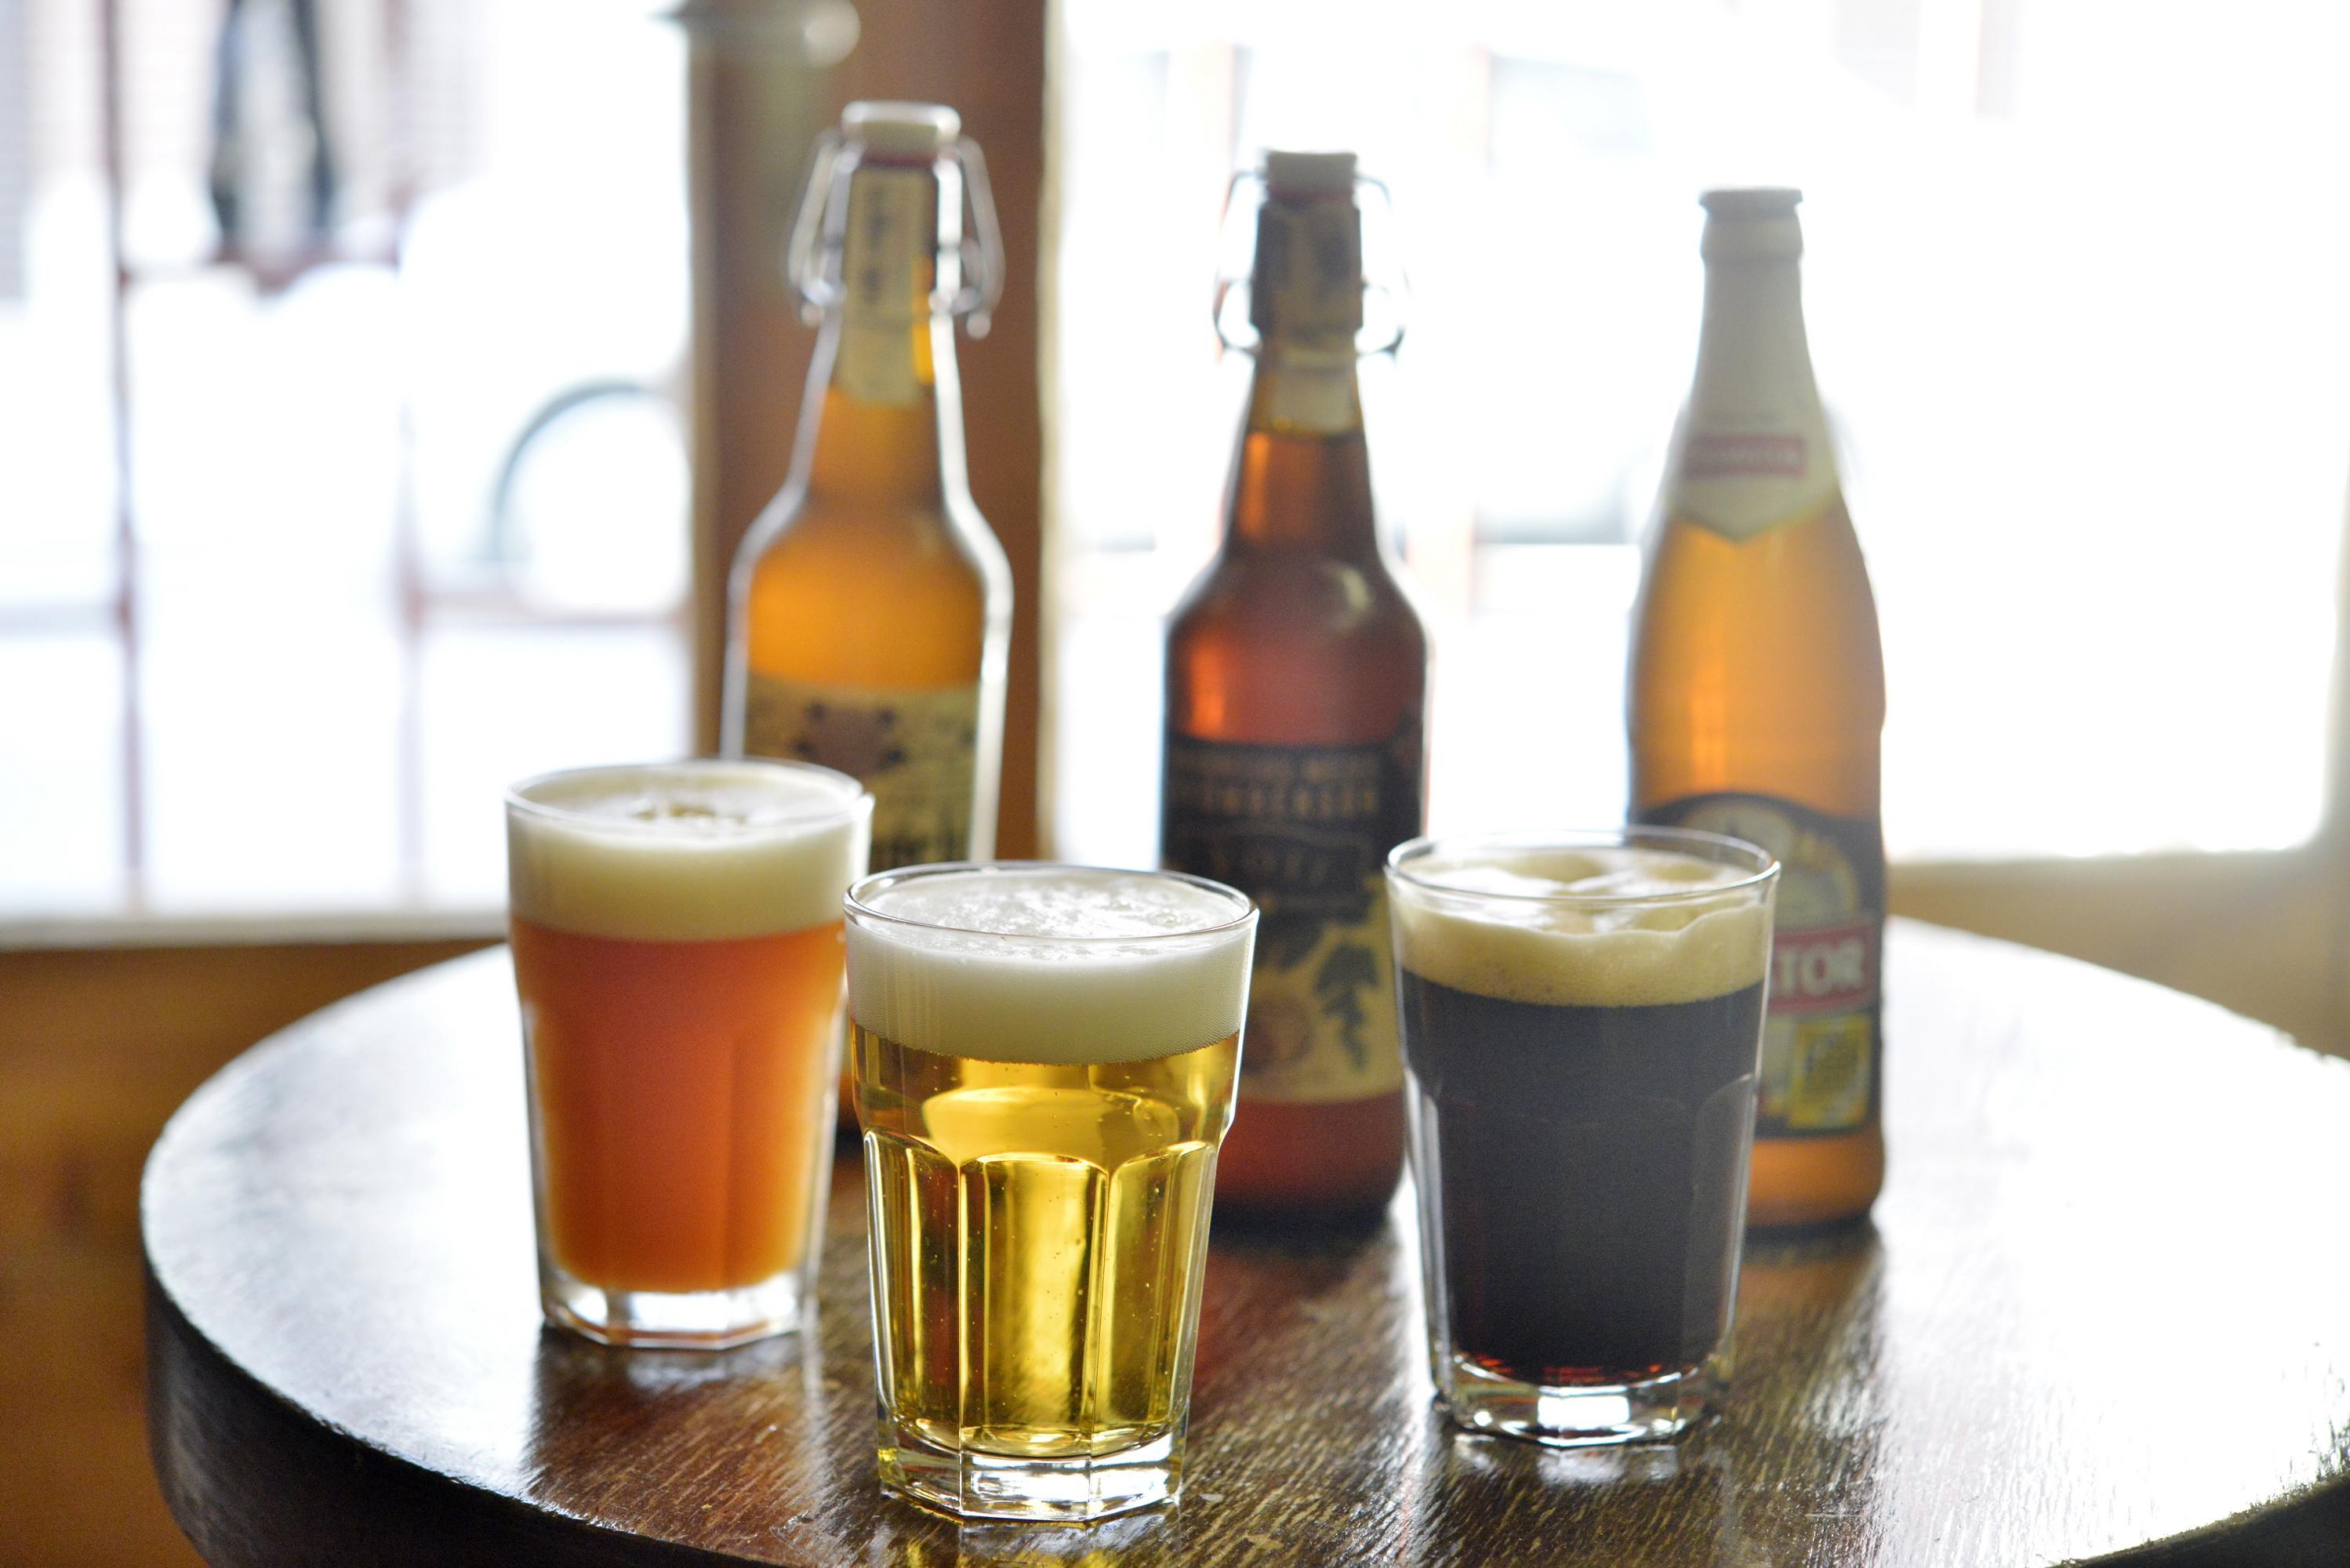 Kézműves magyar sörök, amelykről még tuti nem hallottál